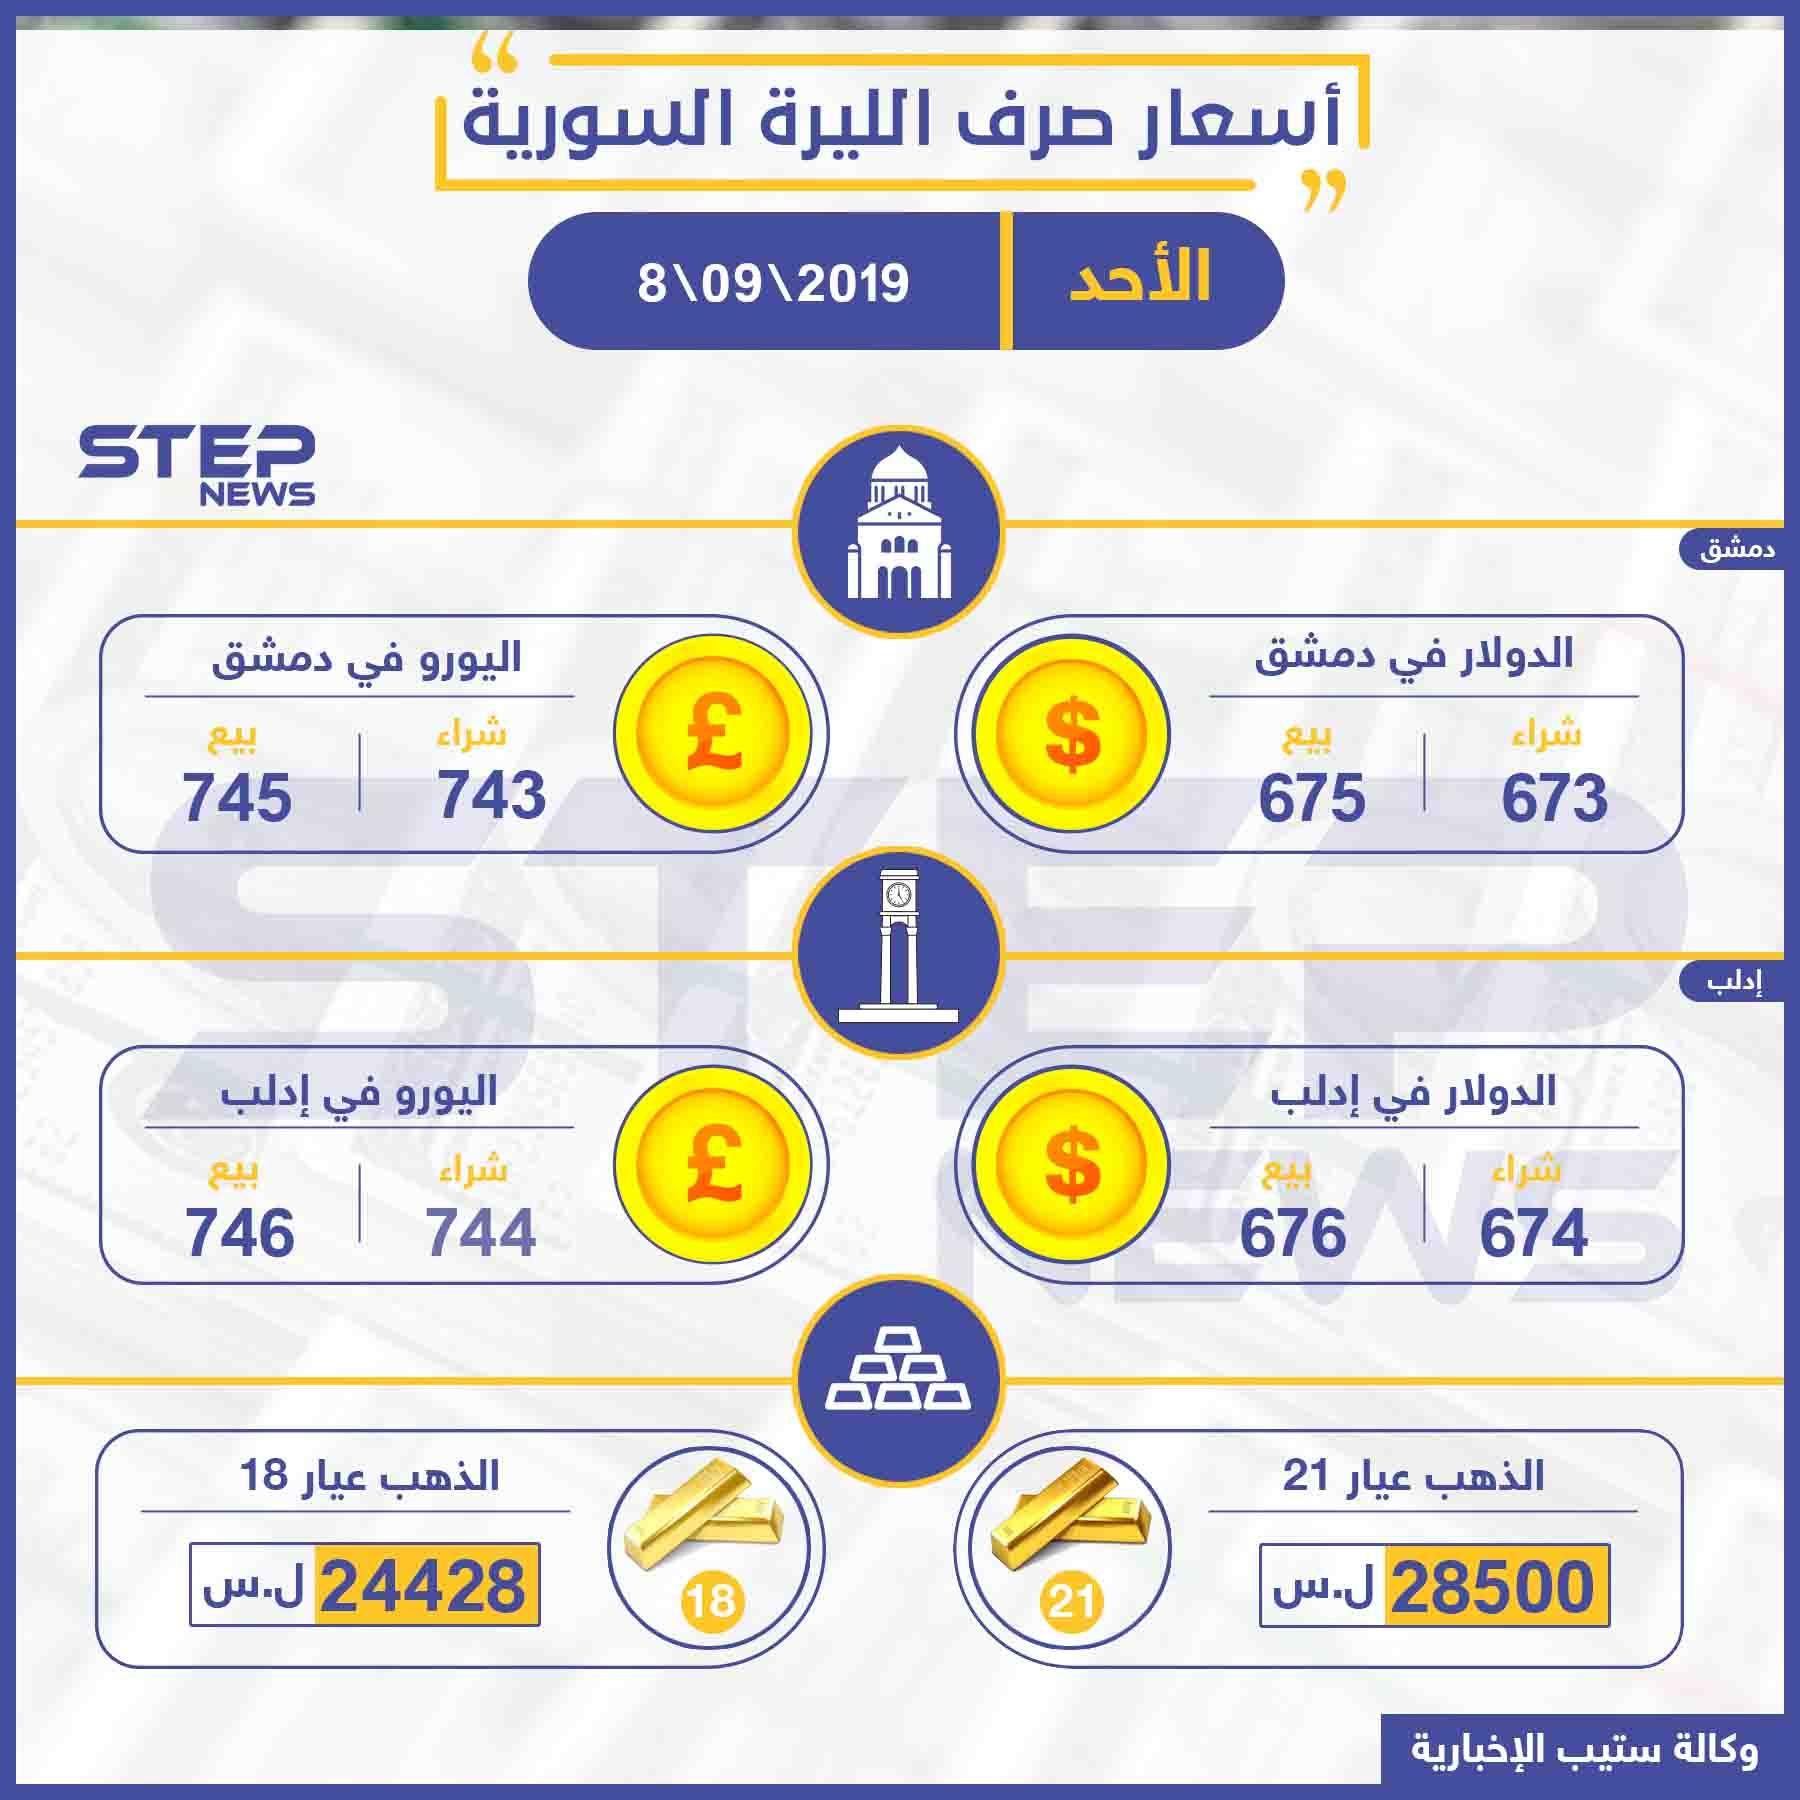 أسعار الذهب والعملات في سوريا اليوم 8-09-2019